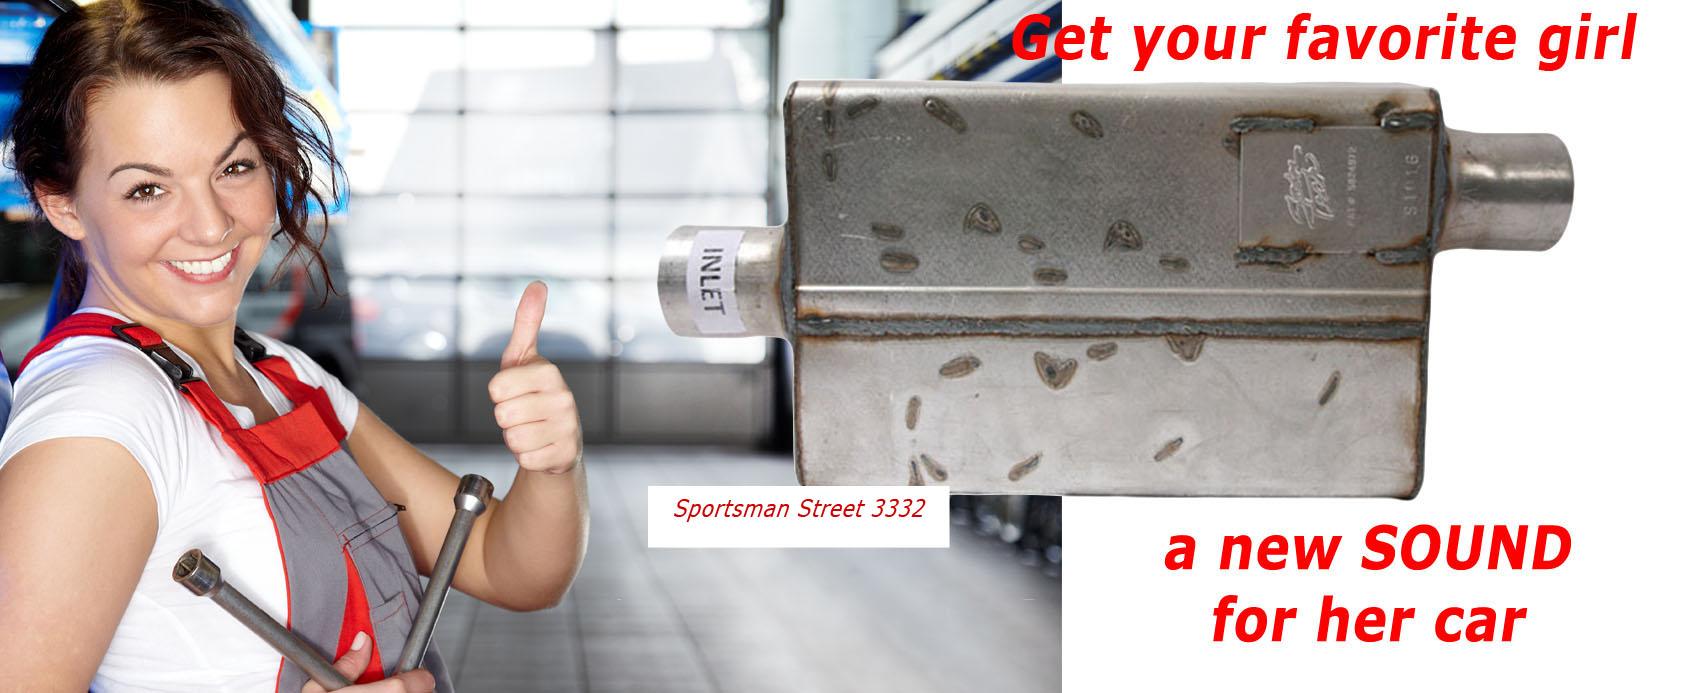 girlnewmuffler-as-smart-object-1.jpg